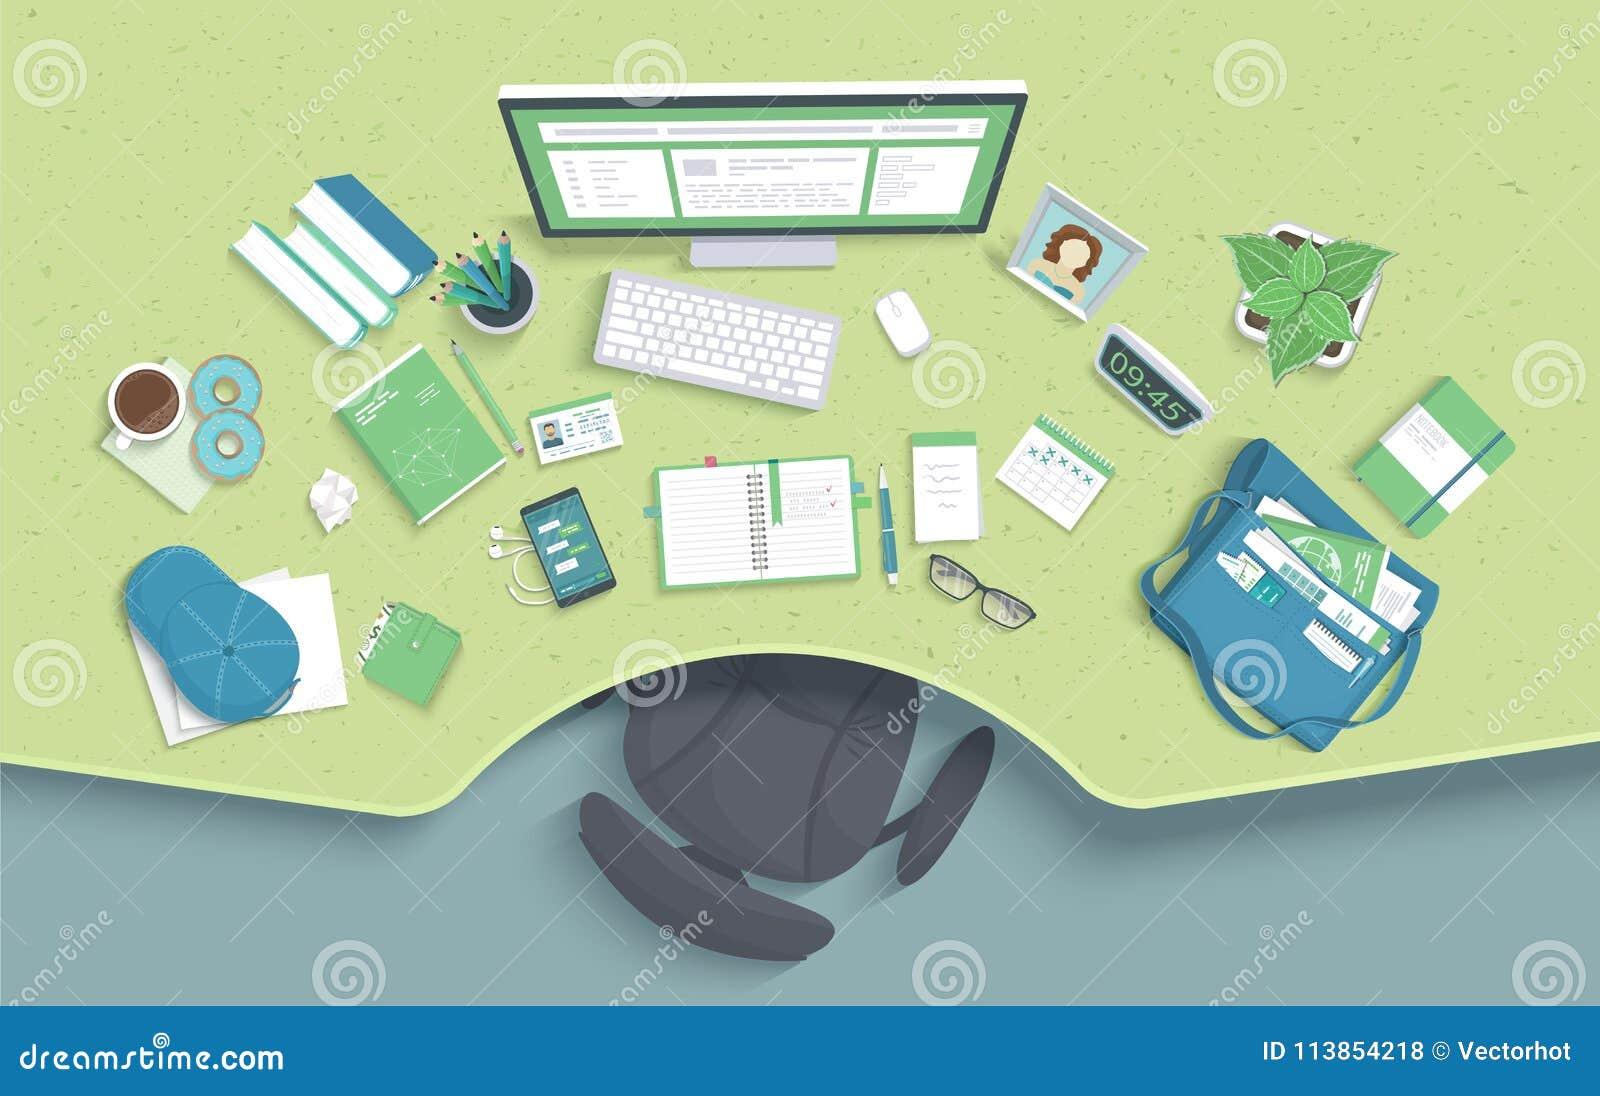 Tabella con la cavità, sedia, monitor, libri, taccuino, cuffie, telefono Posto di lavoro moderno ed alla moda Vettore